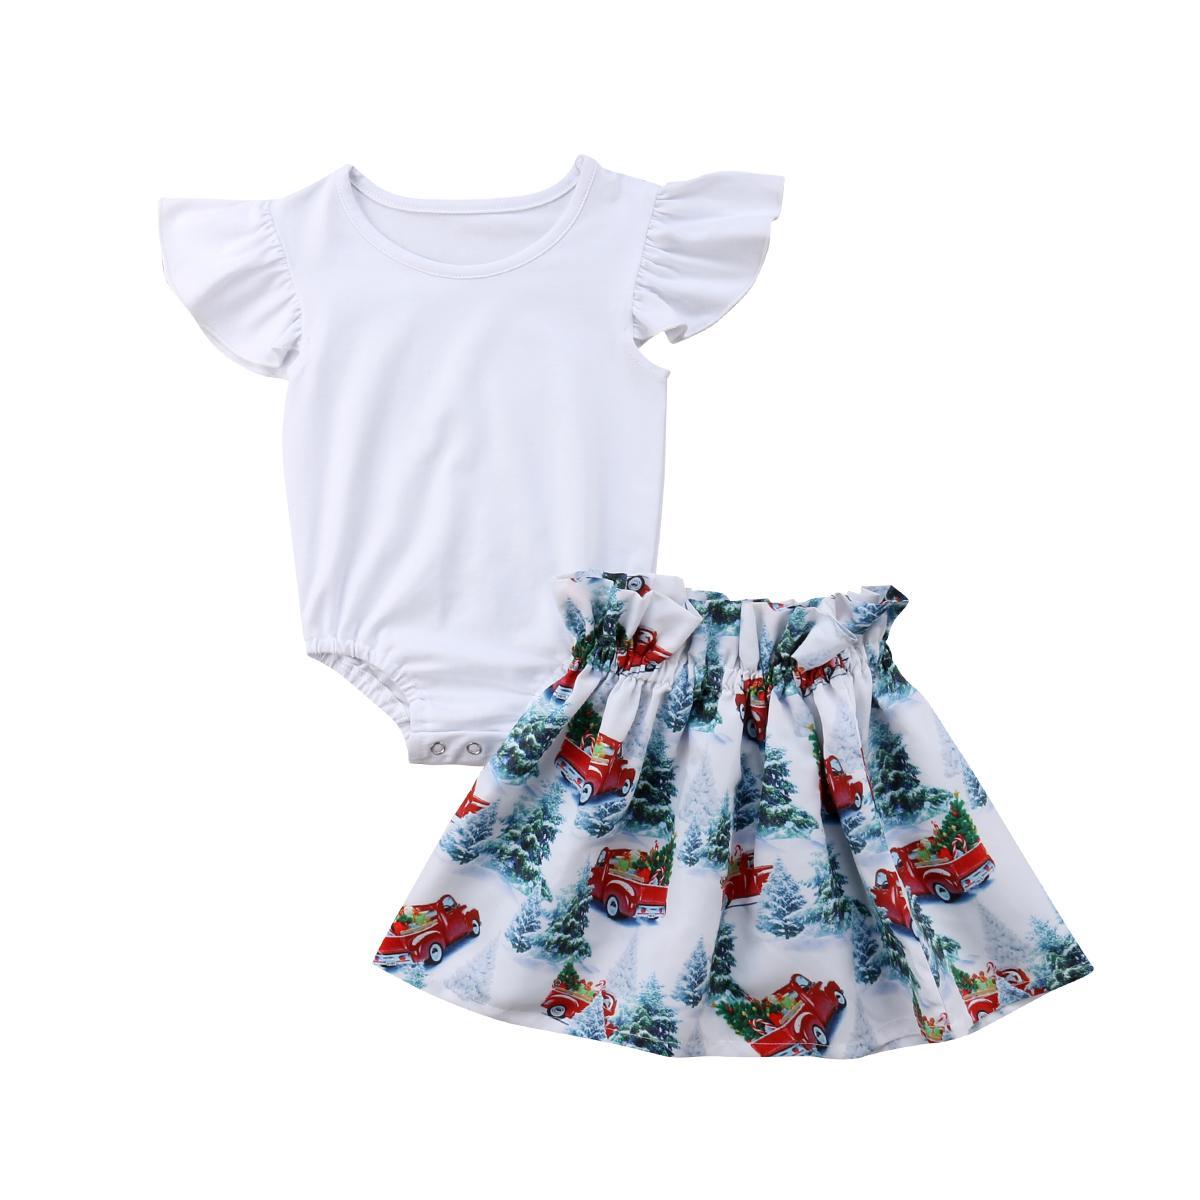 2шт новорожденных малышей Baby девочка наряды одежда комплект Муха рукав твердых комбинезон Туту мини-юбки наряд